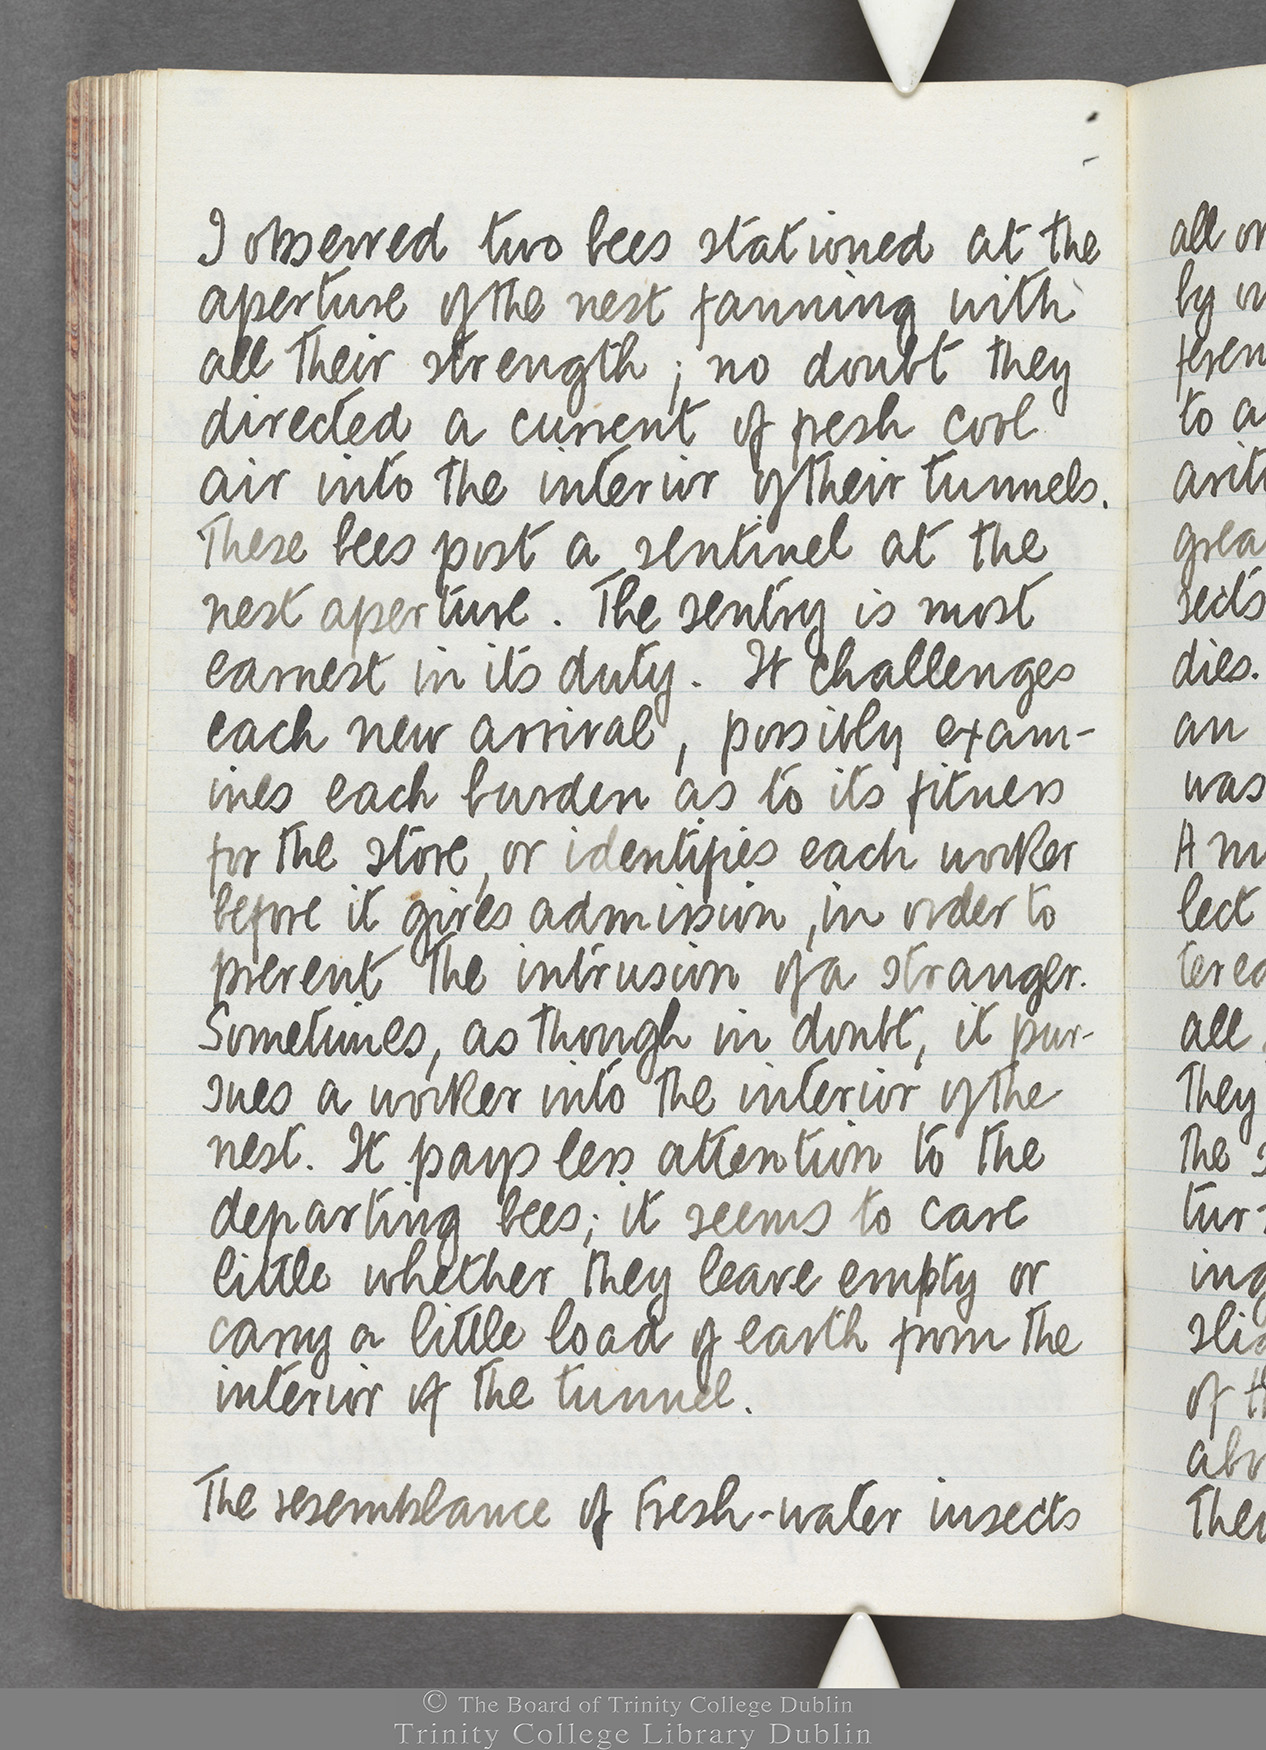 TCD MS 10516 folio 70 verso